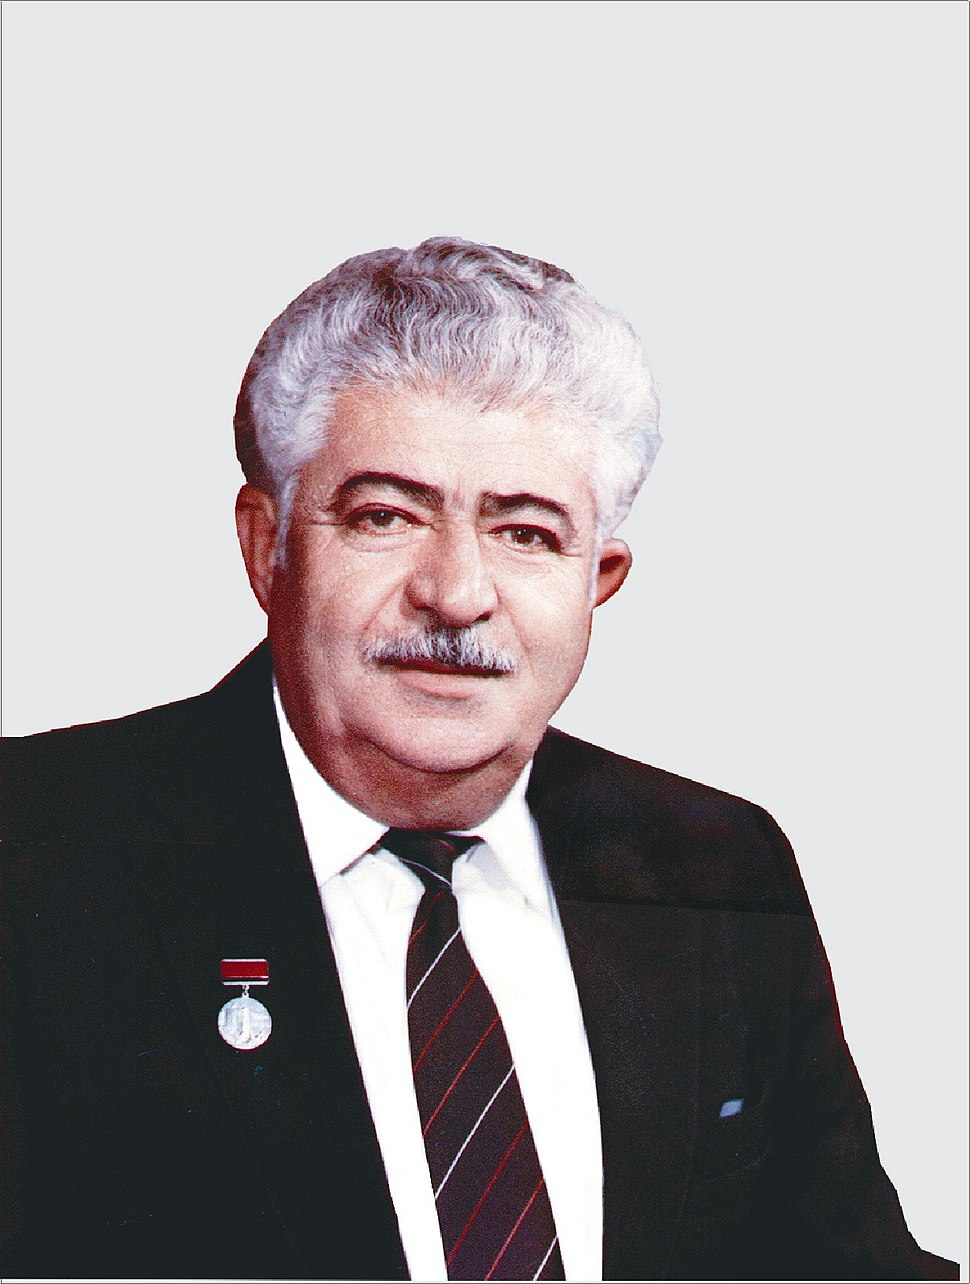 Faig Mamedov